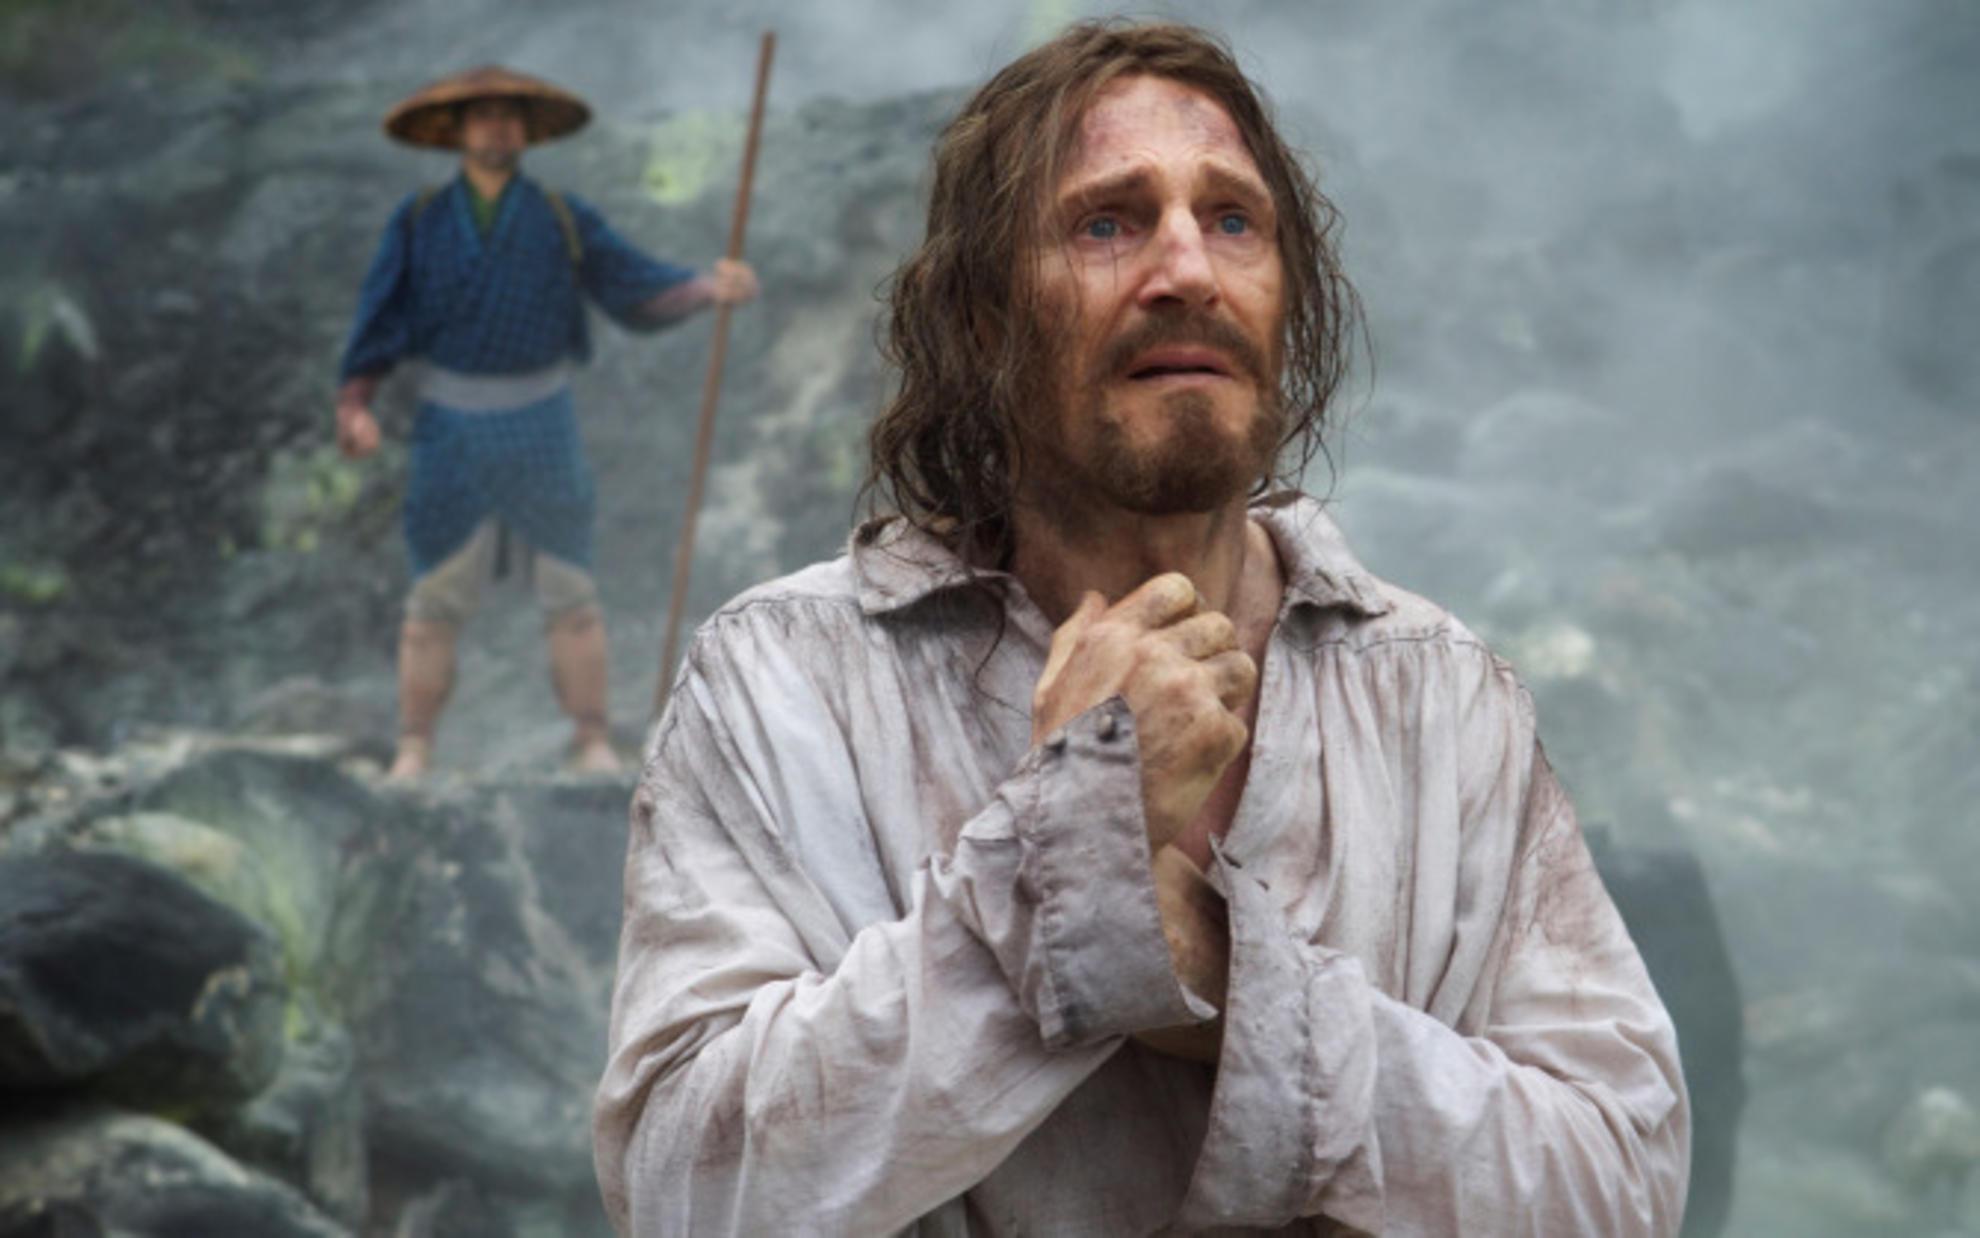 MARTIN SCORSESE'S SILENT MOVIE 'BULLSHIT' SAYS EXPERT